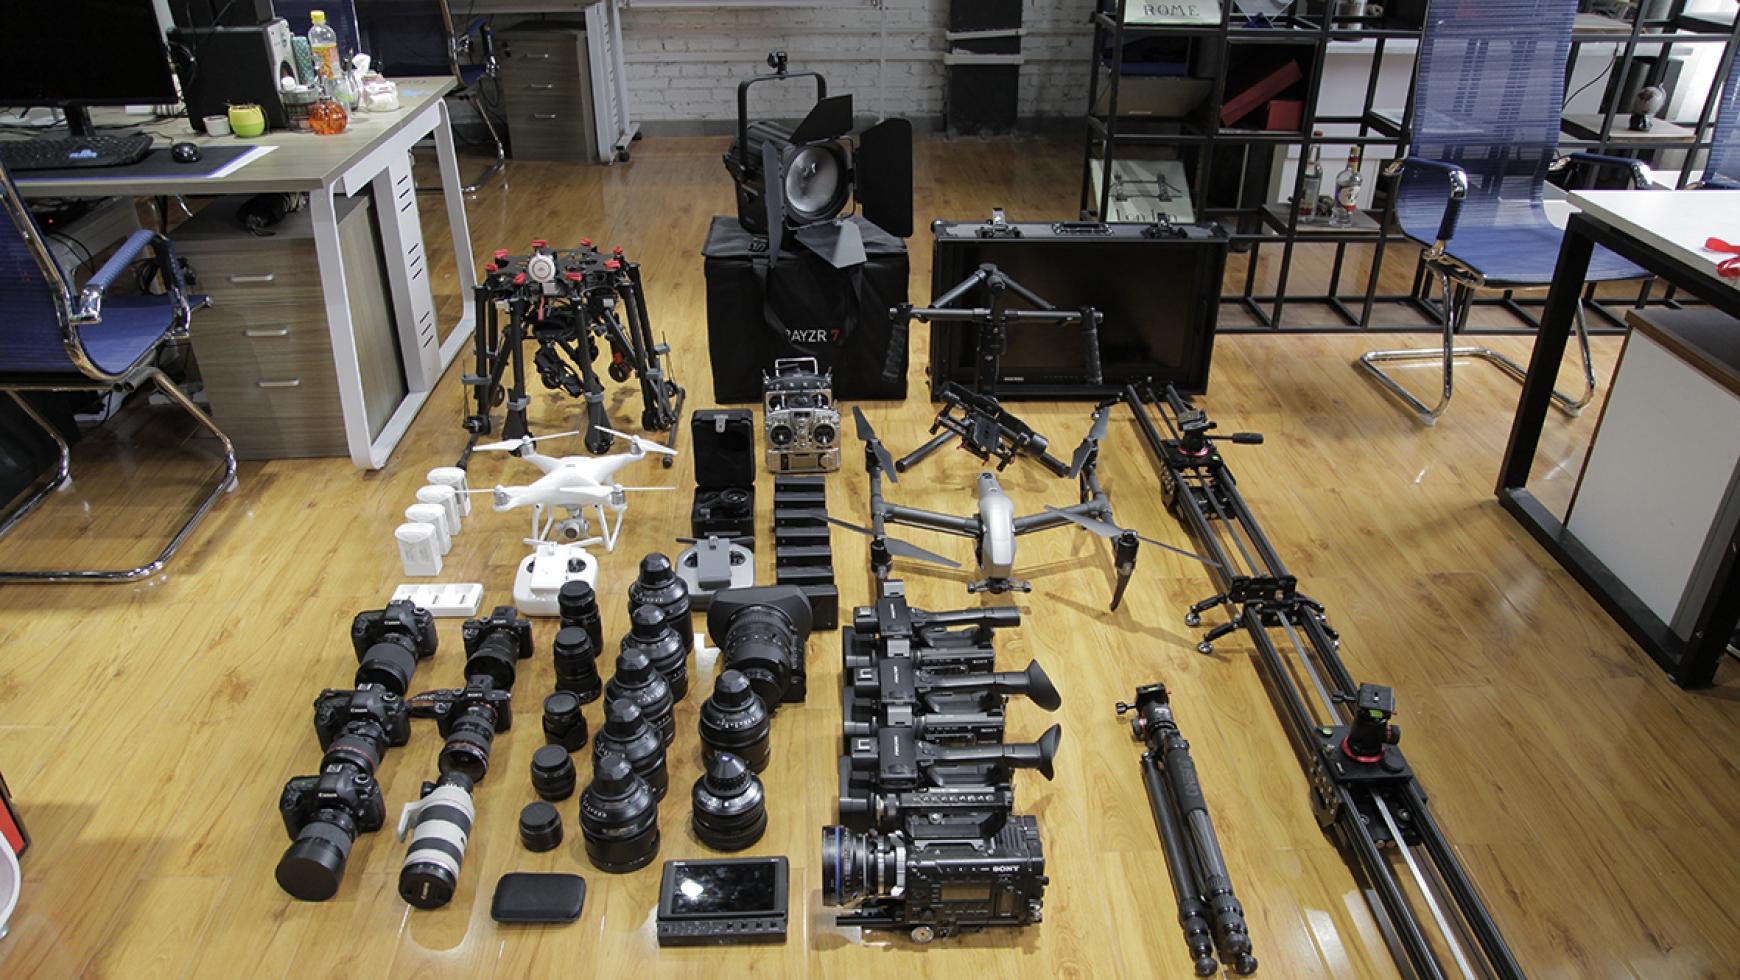 A7S拍摄系统3套+镜头组共15枚+专业摄影器材组